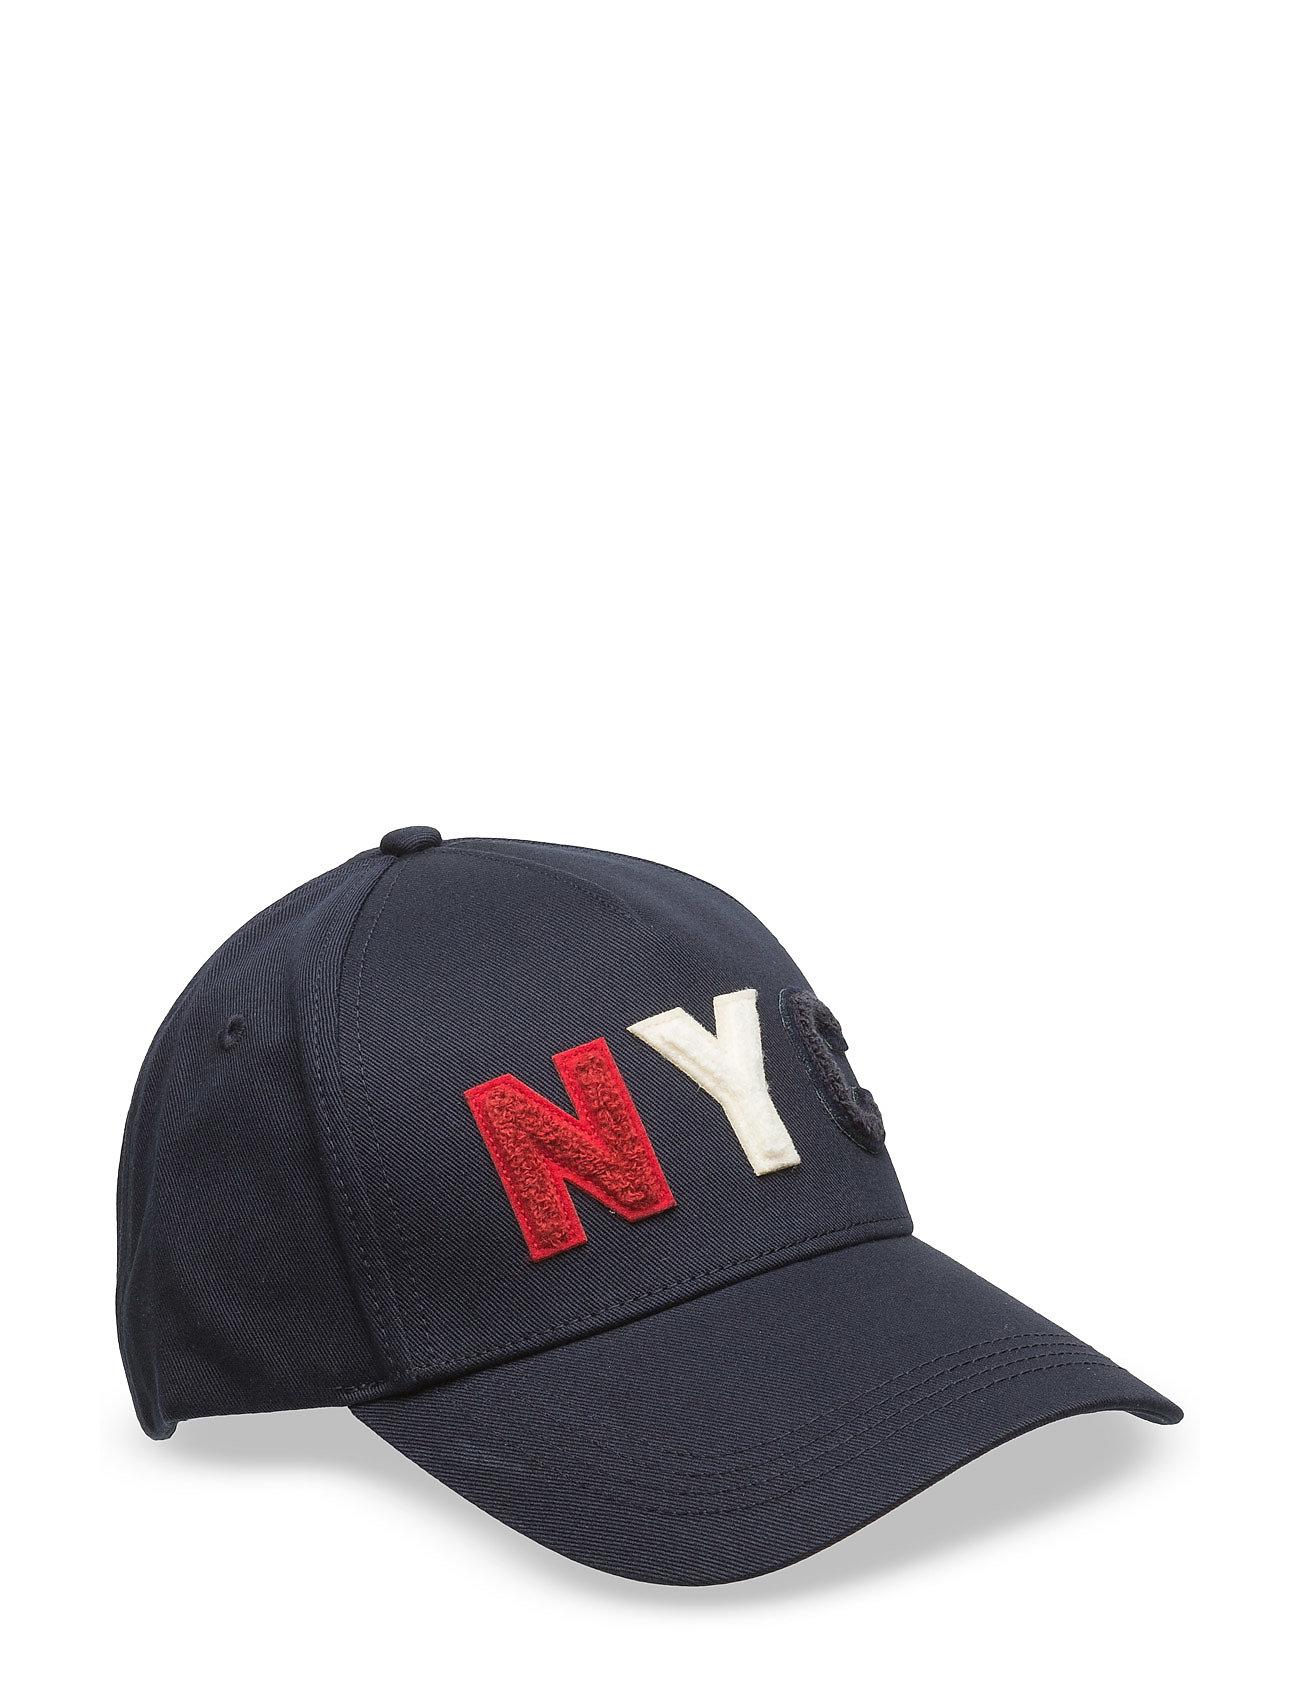 Nyc Baseball Cap Tommy Hilfiger Hatte & Caps til Herrer i Blå